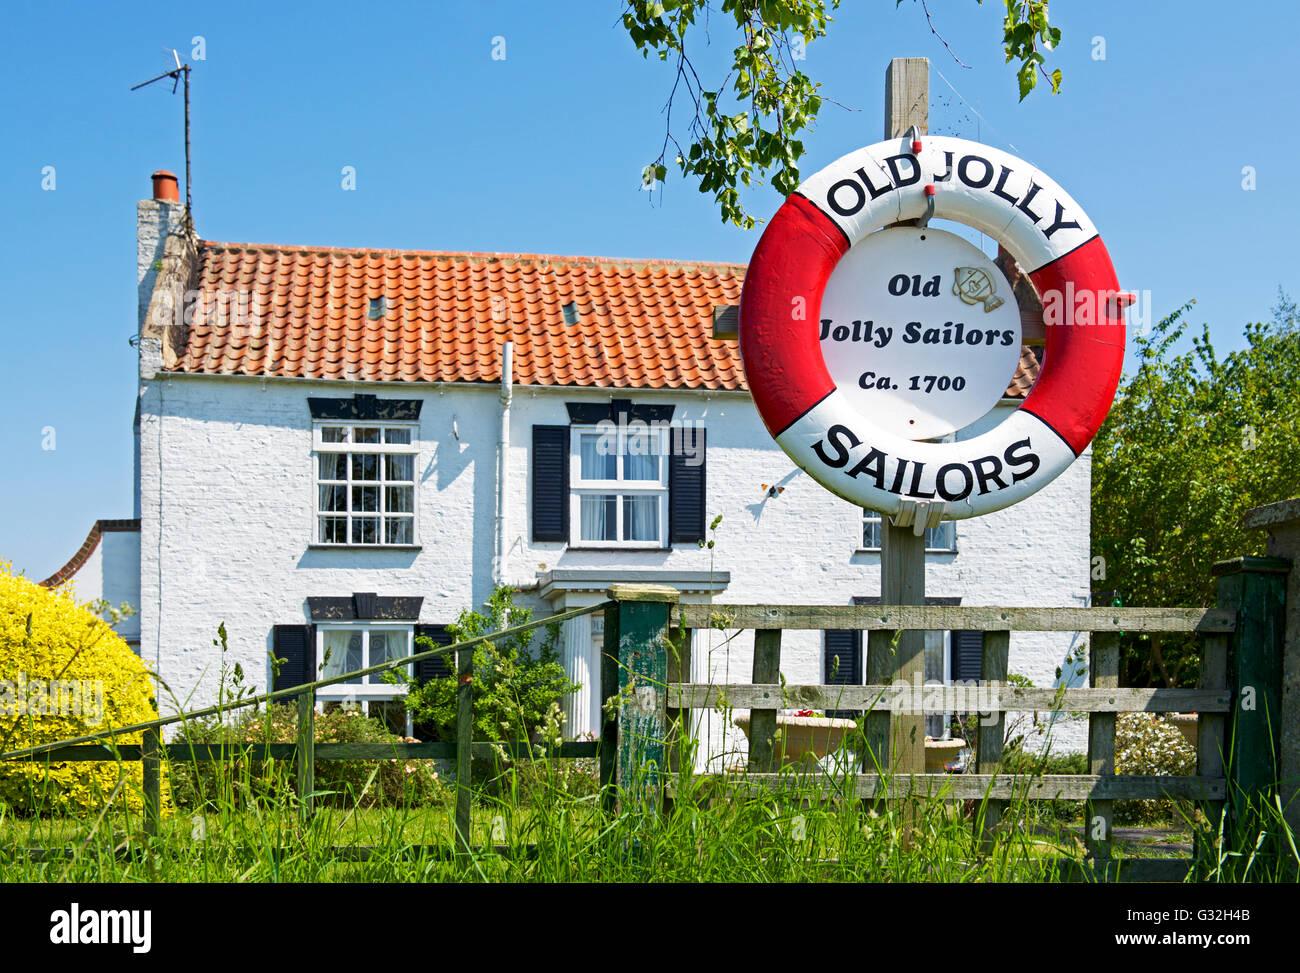 Casa - una volta che il Jolly Sailor pub - a Fishtoft, nei pressi di Boston, Lincolnshire, England Regno Unito Immagini Stock